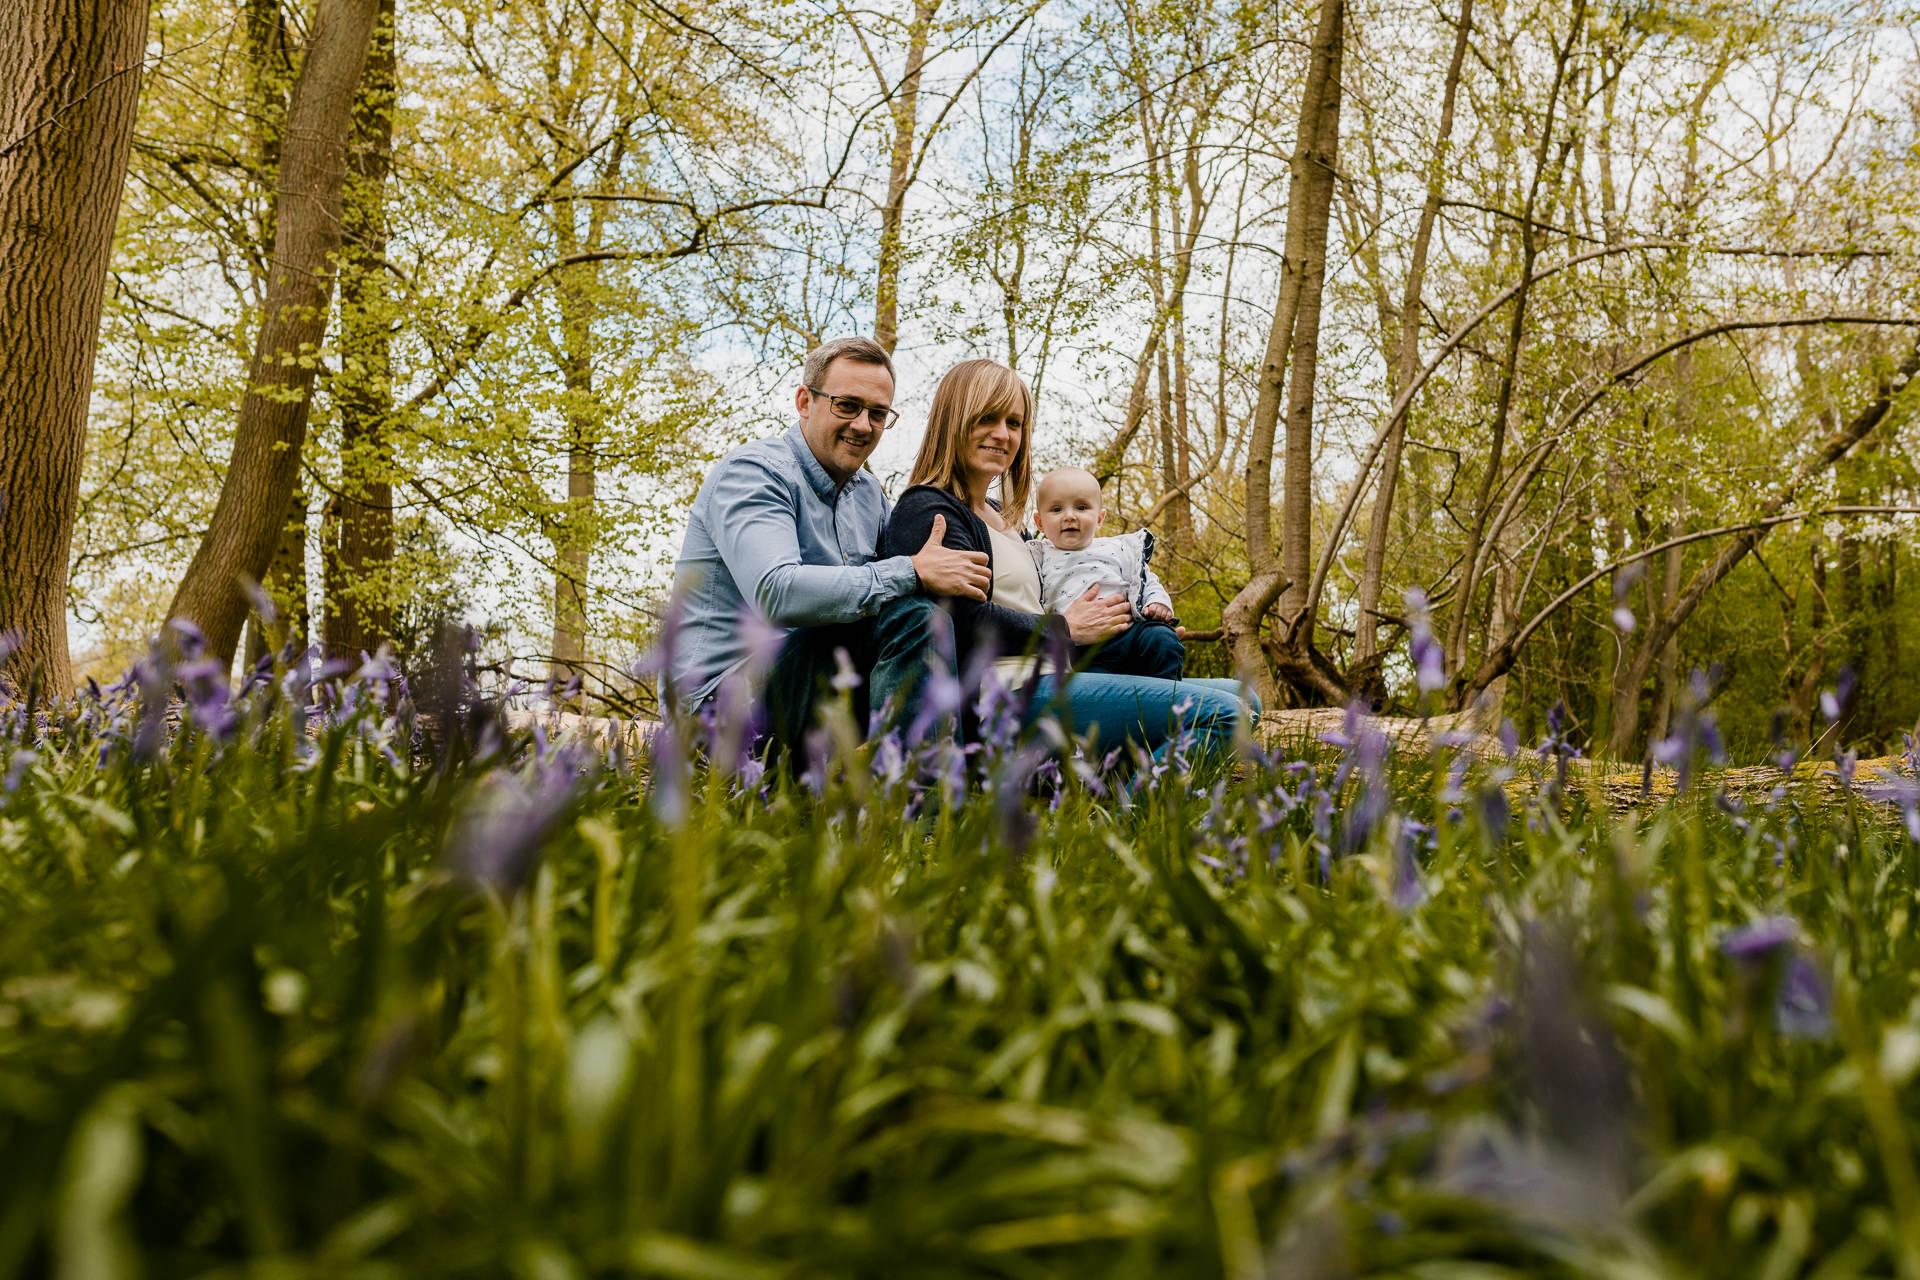 Family Photography Ashridge Buckinghamshire Bluebells Potters Instinct Photography